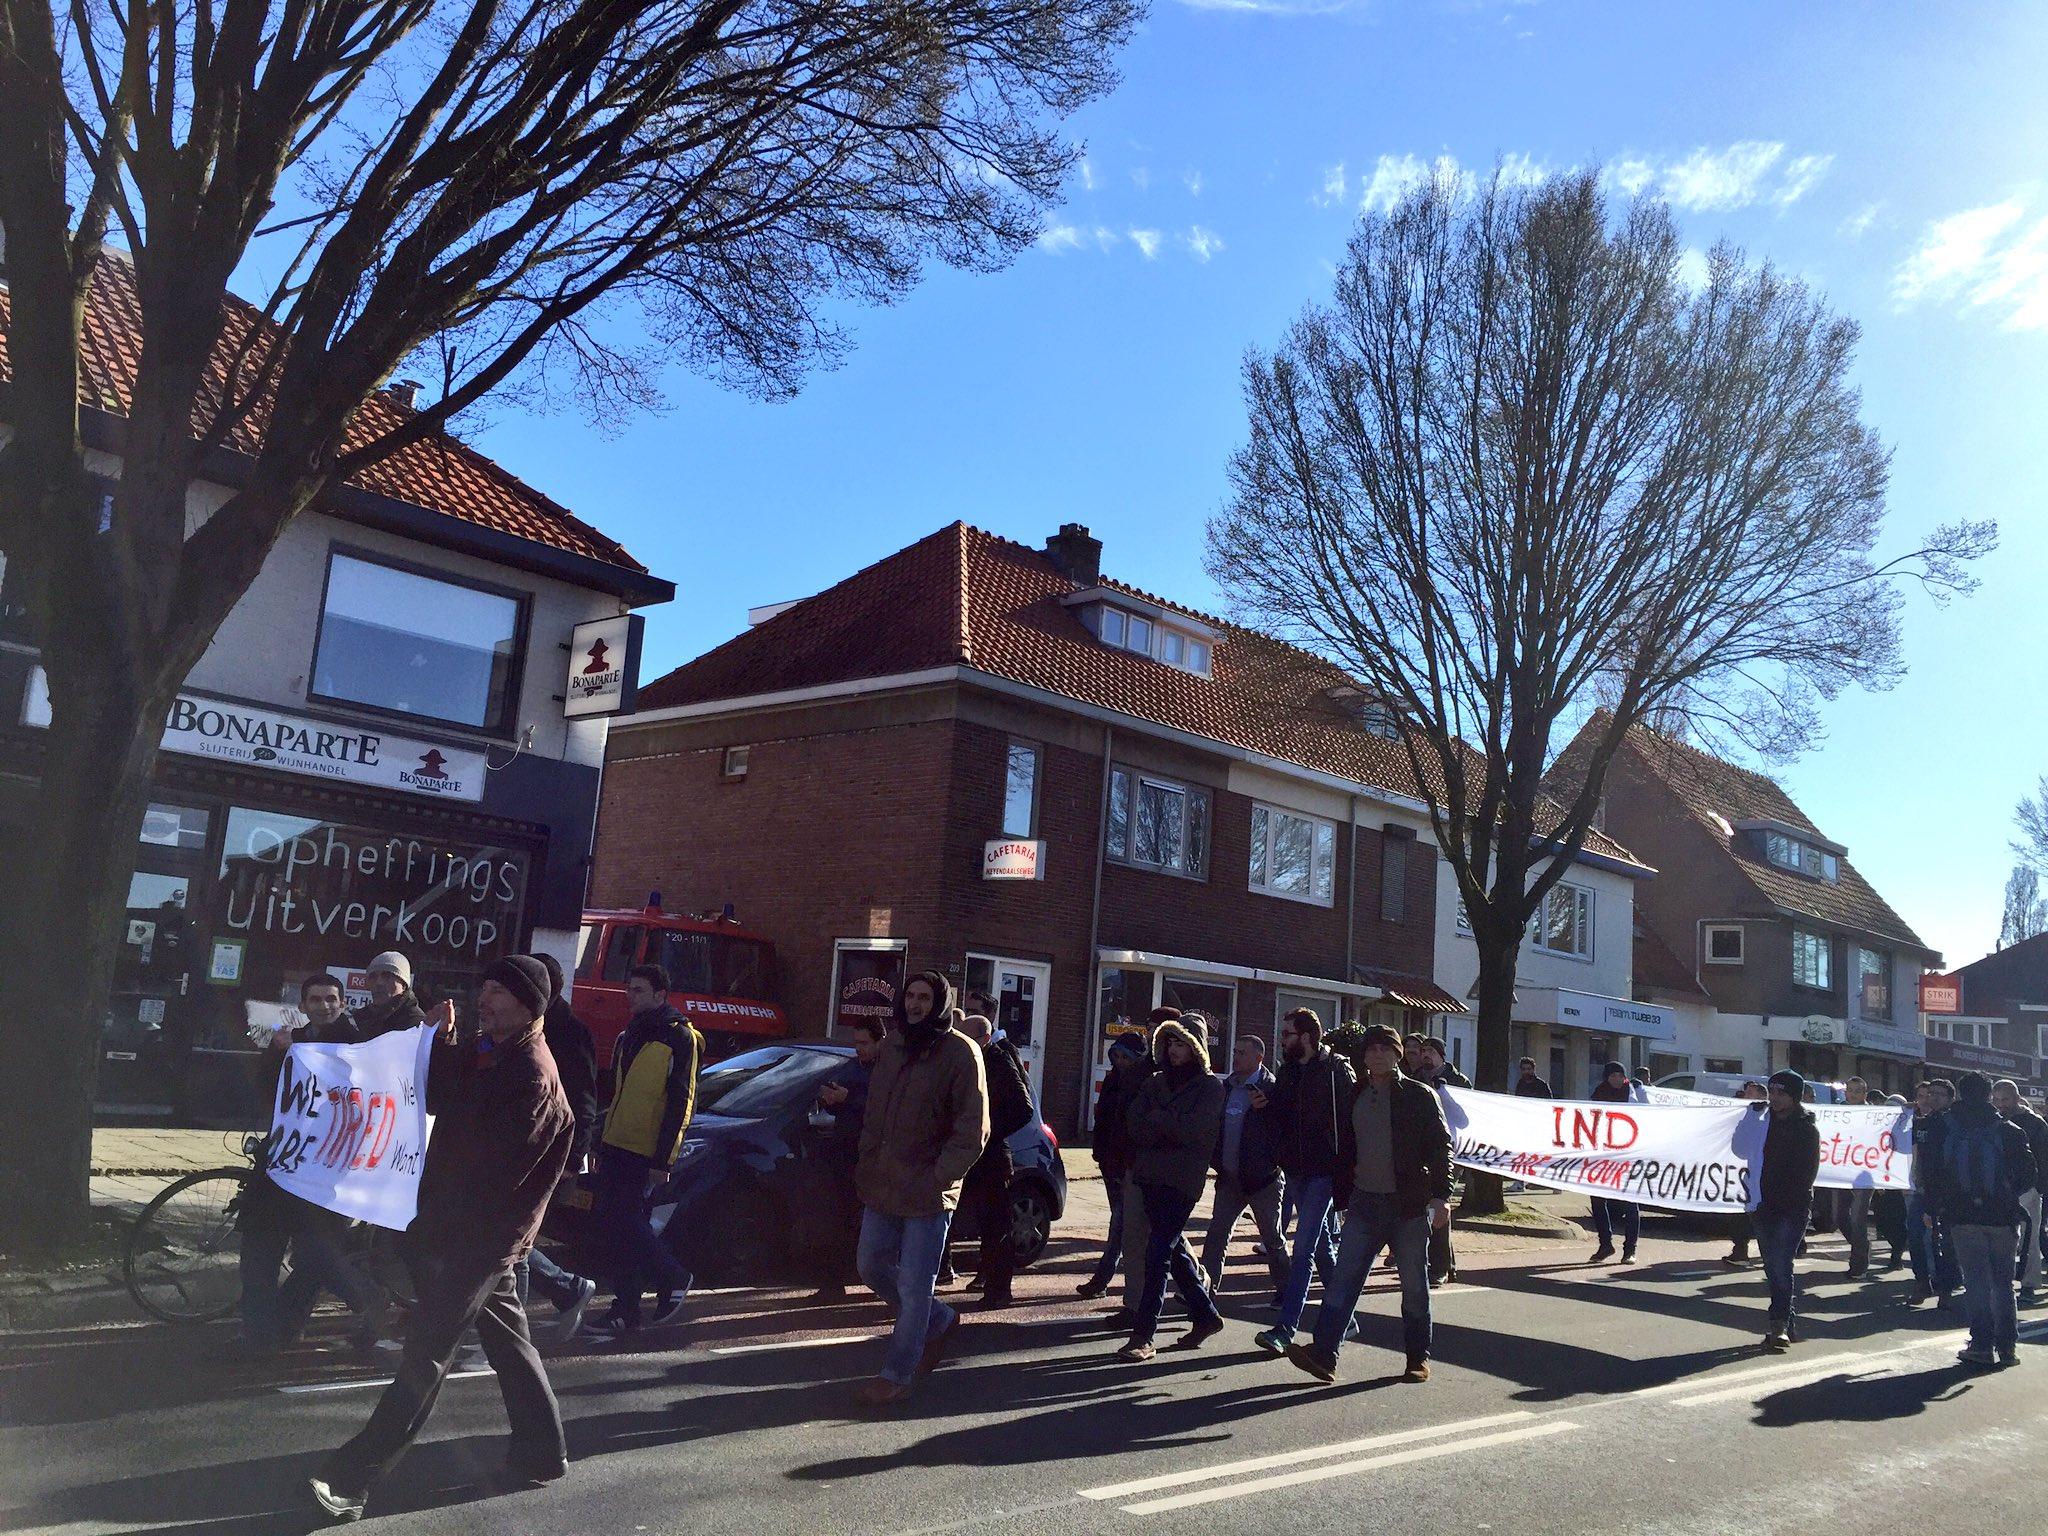 Opvallend: geen Nederlandse vrijwilligers bij protestmars. Lopen normaal deur plat bij opvang #Heumensoord https://t.co/k5QWFjLsSD